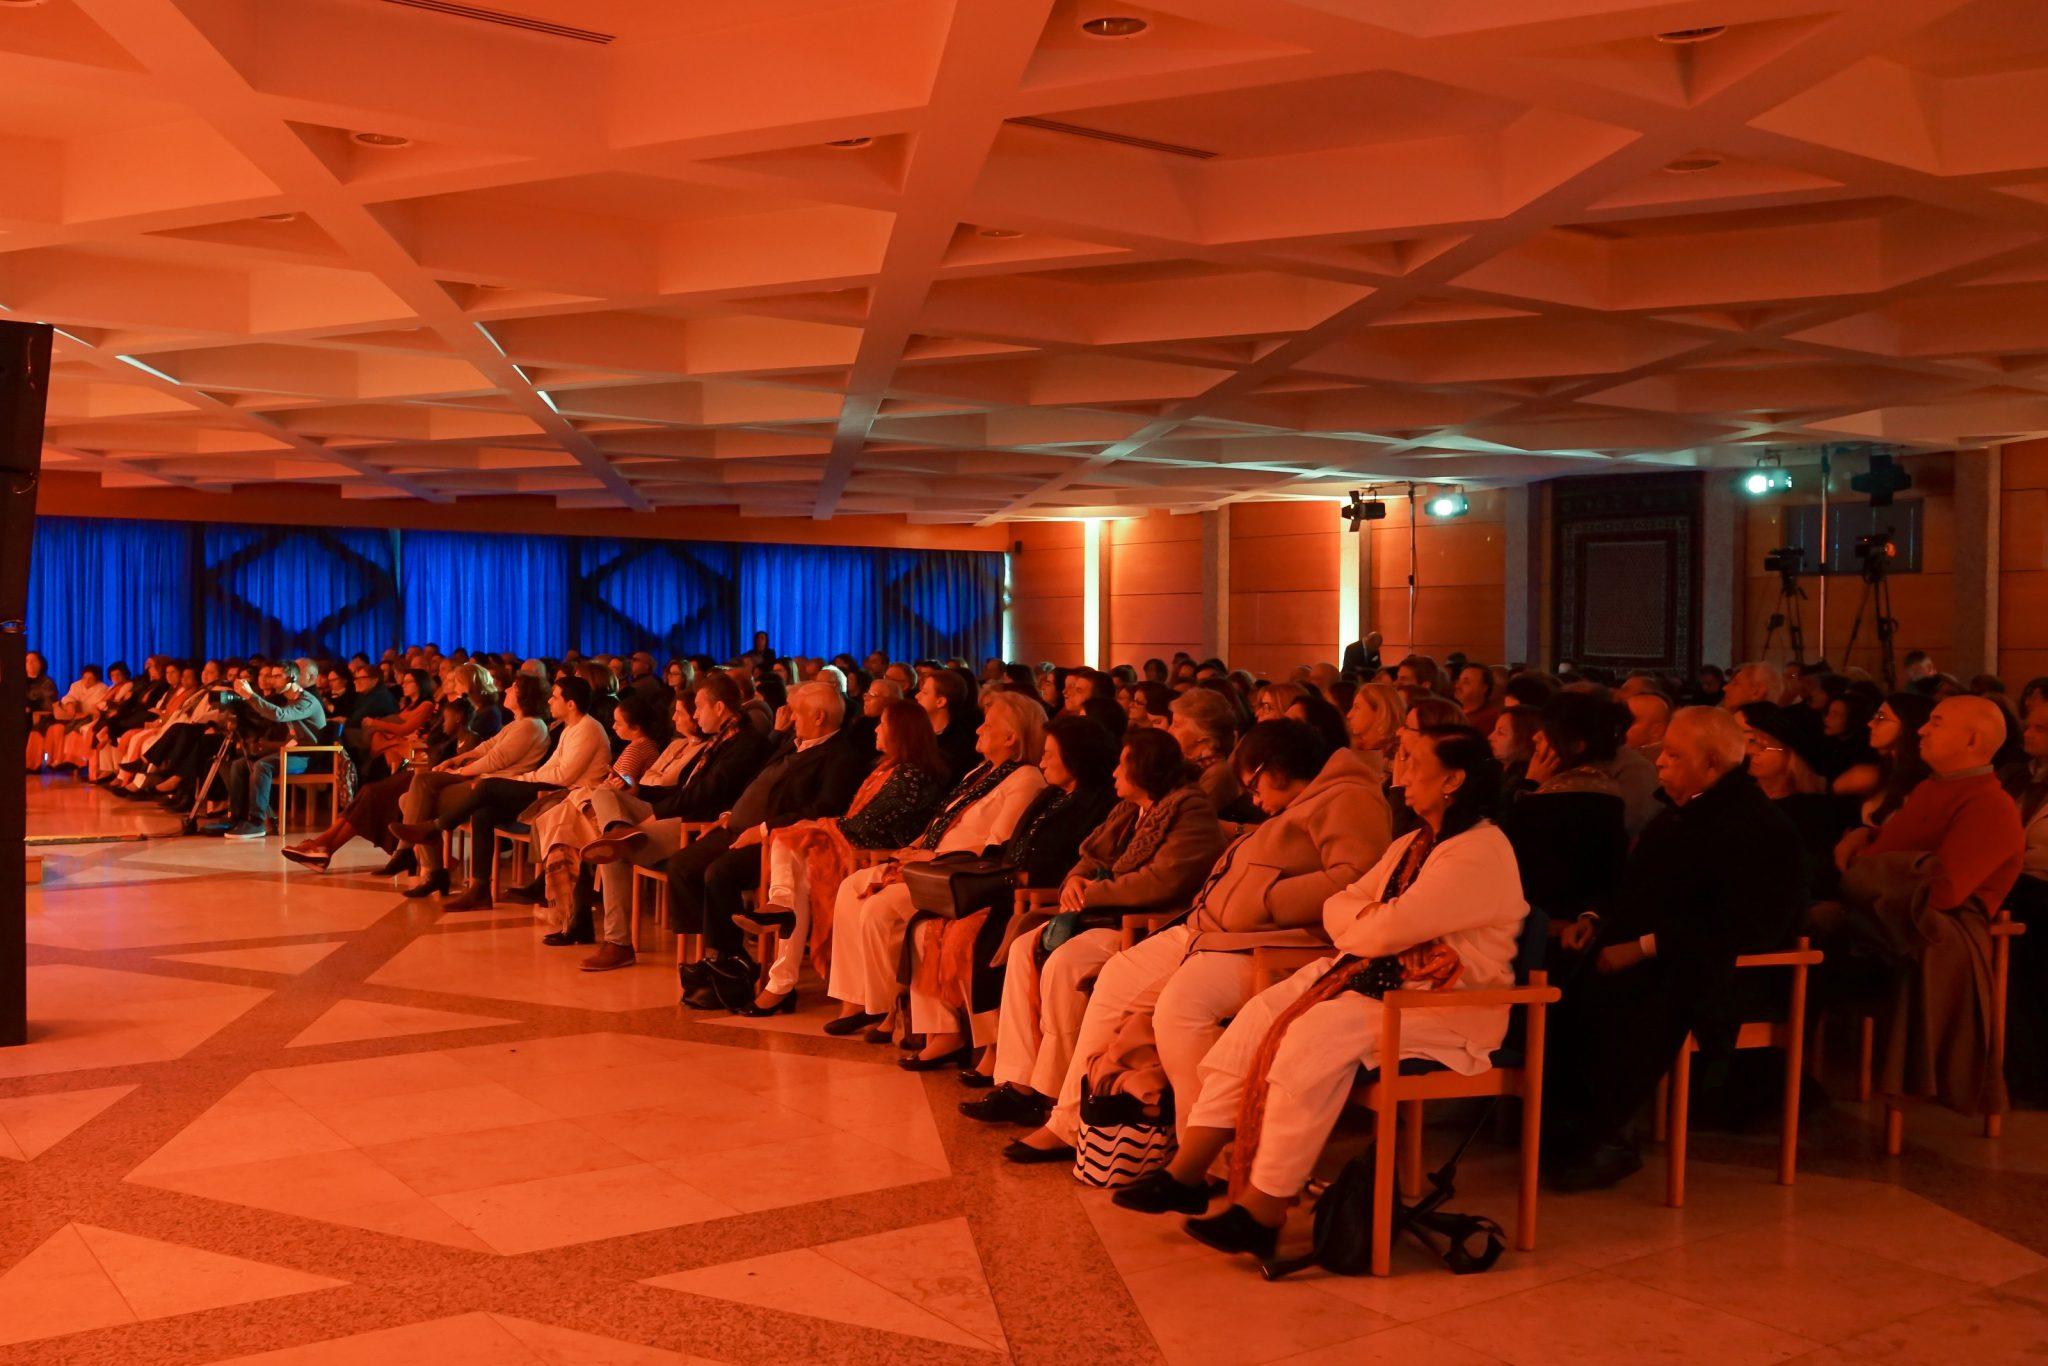 Público a assistir a concerto no Centro Ismaili